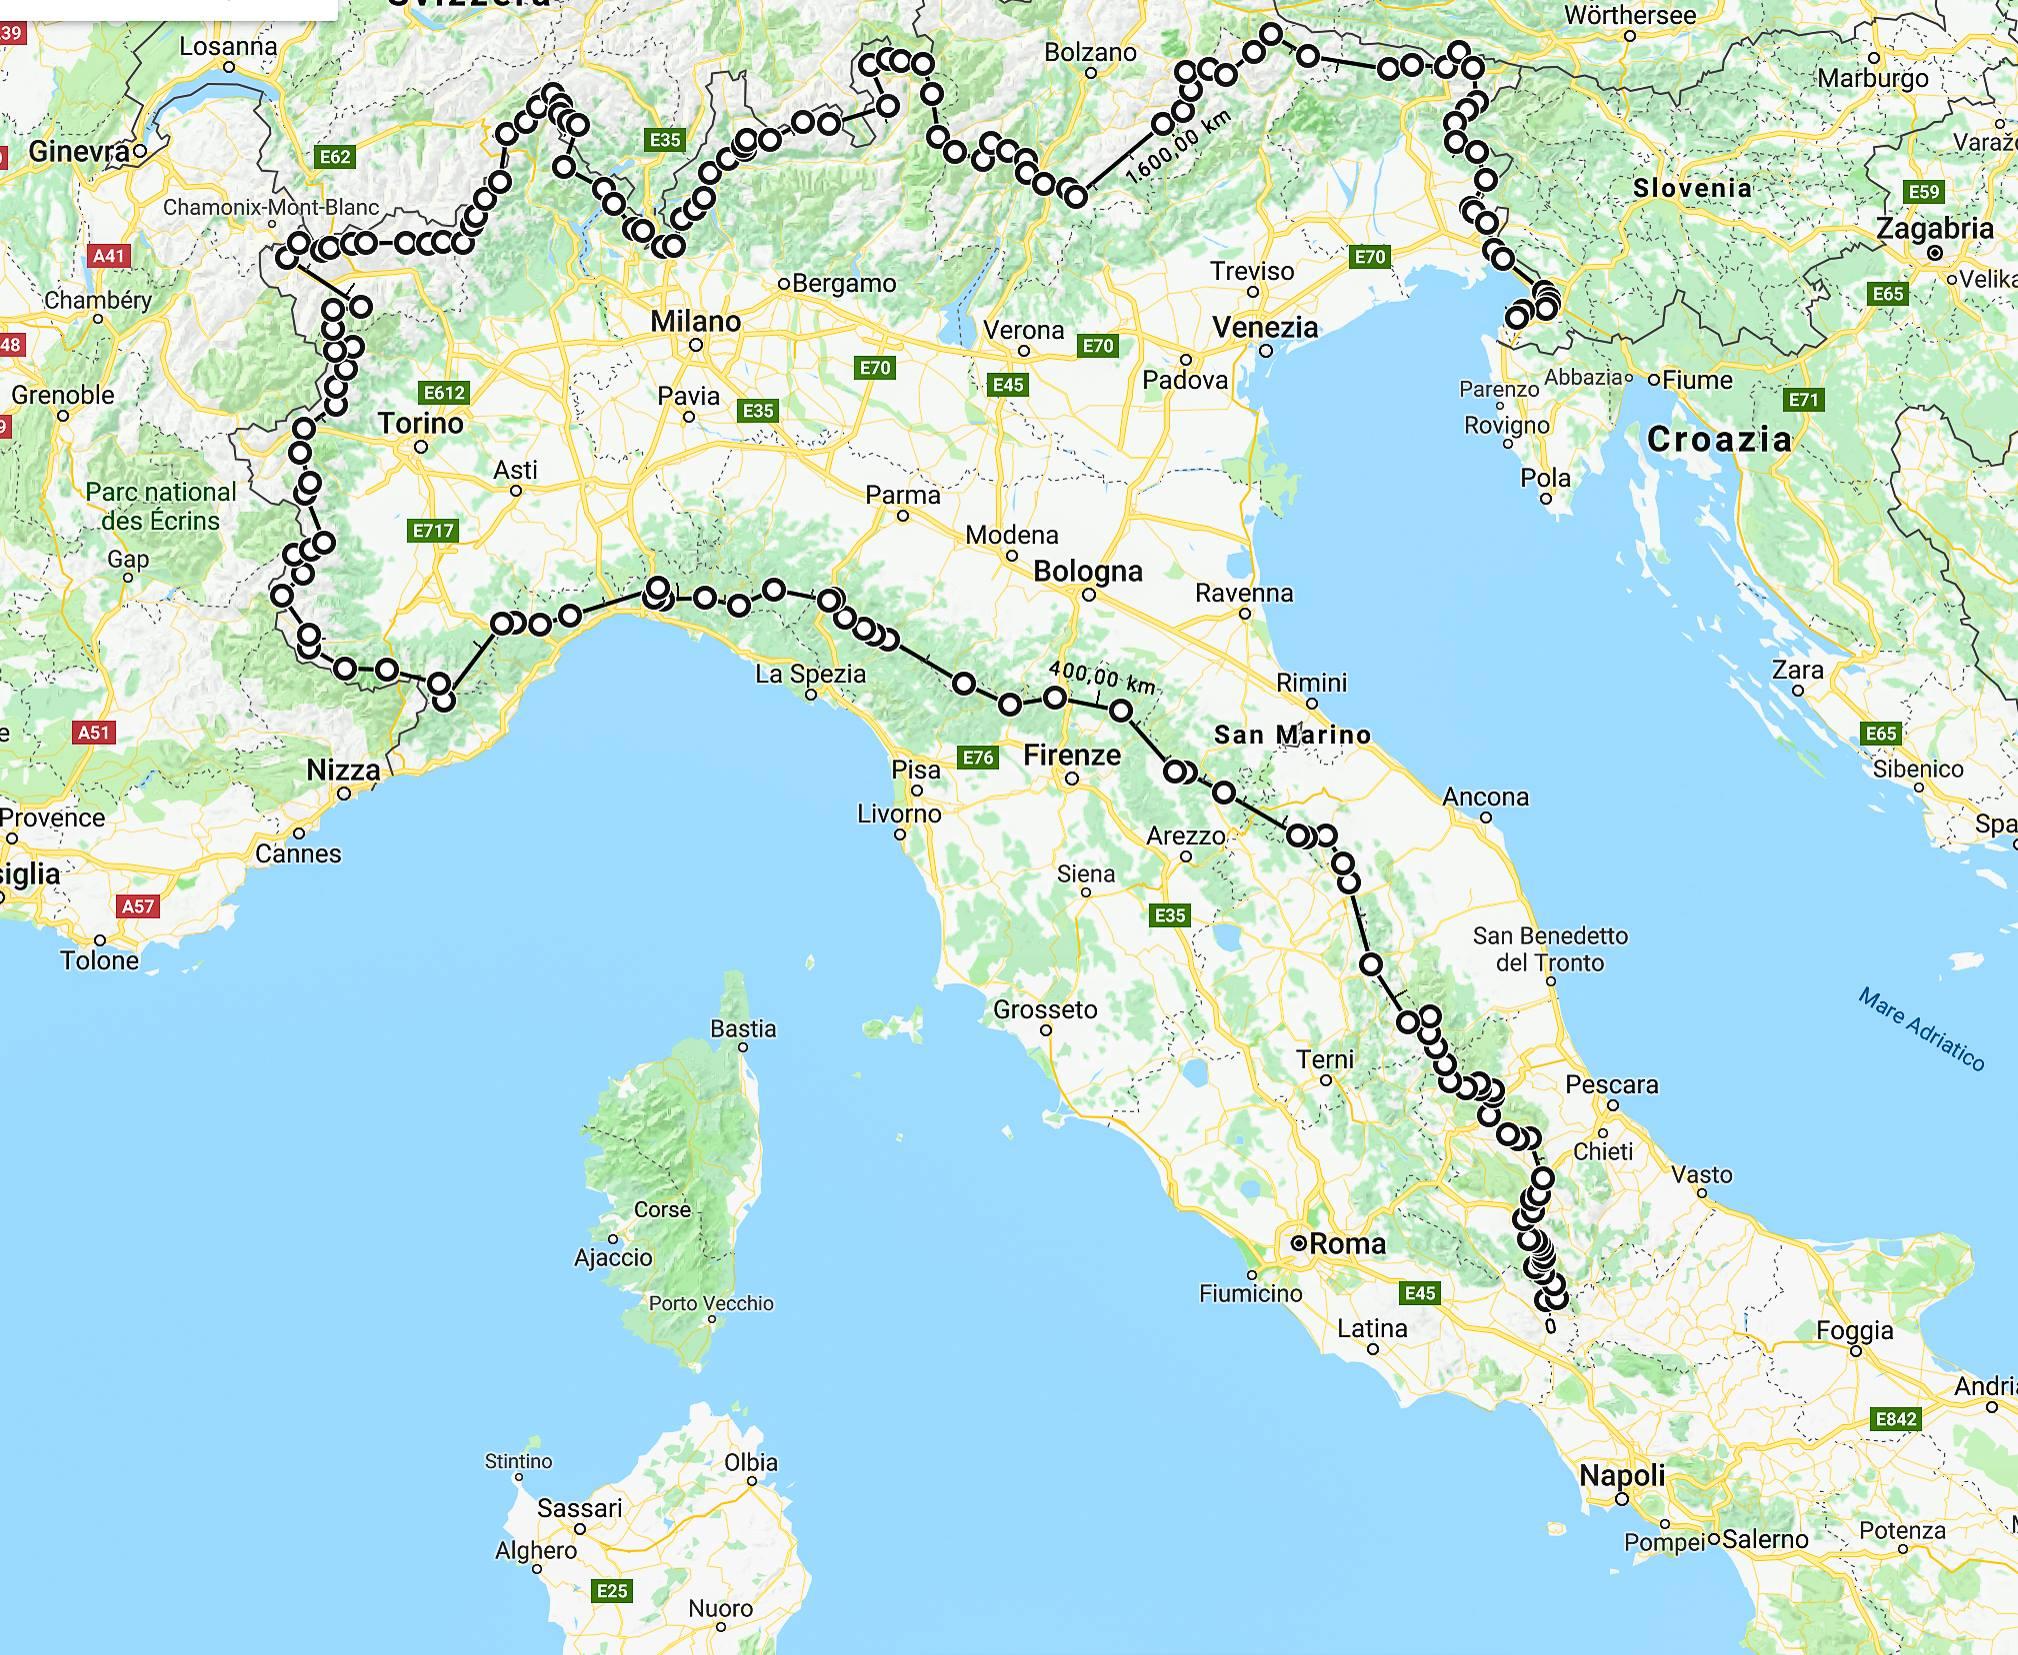 Cartina Dellitalia Alpi E Appennini.Traversata In Solitaria Di Alpi Ed Appennini Storieitaliane Mytripmap